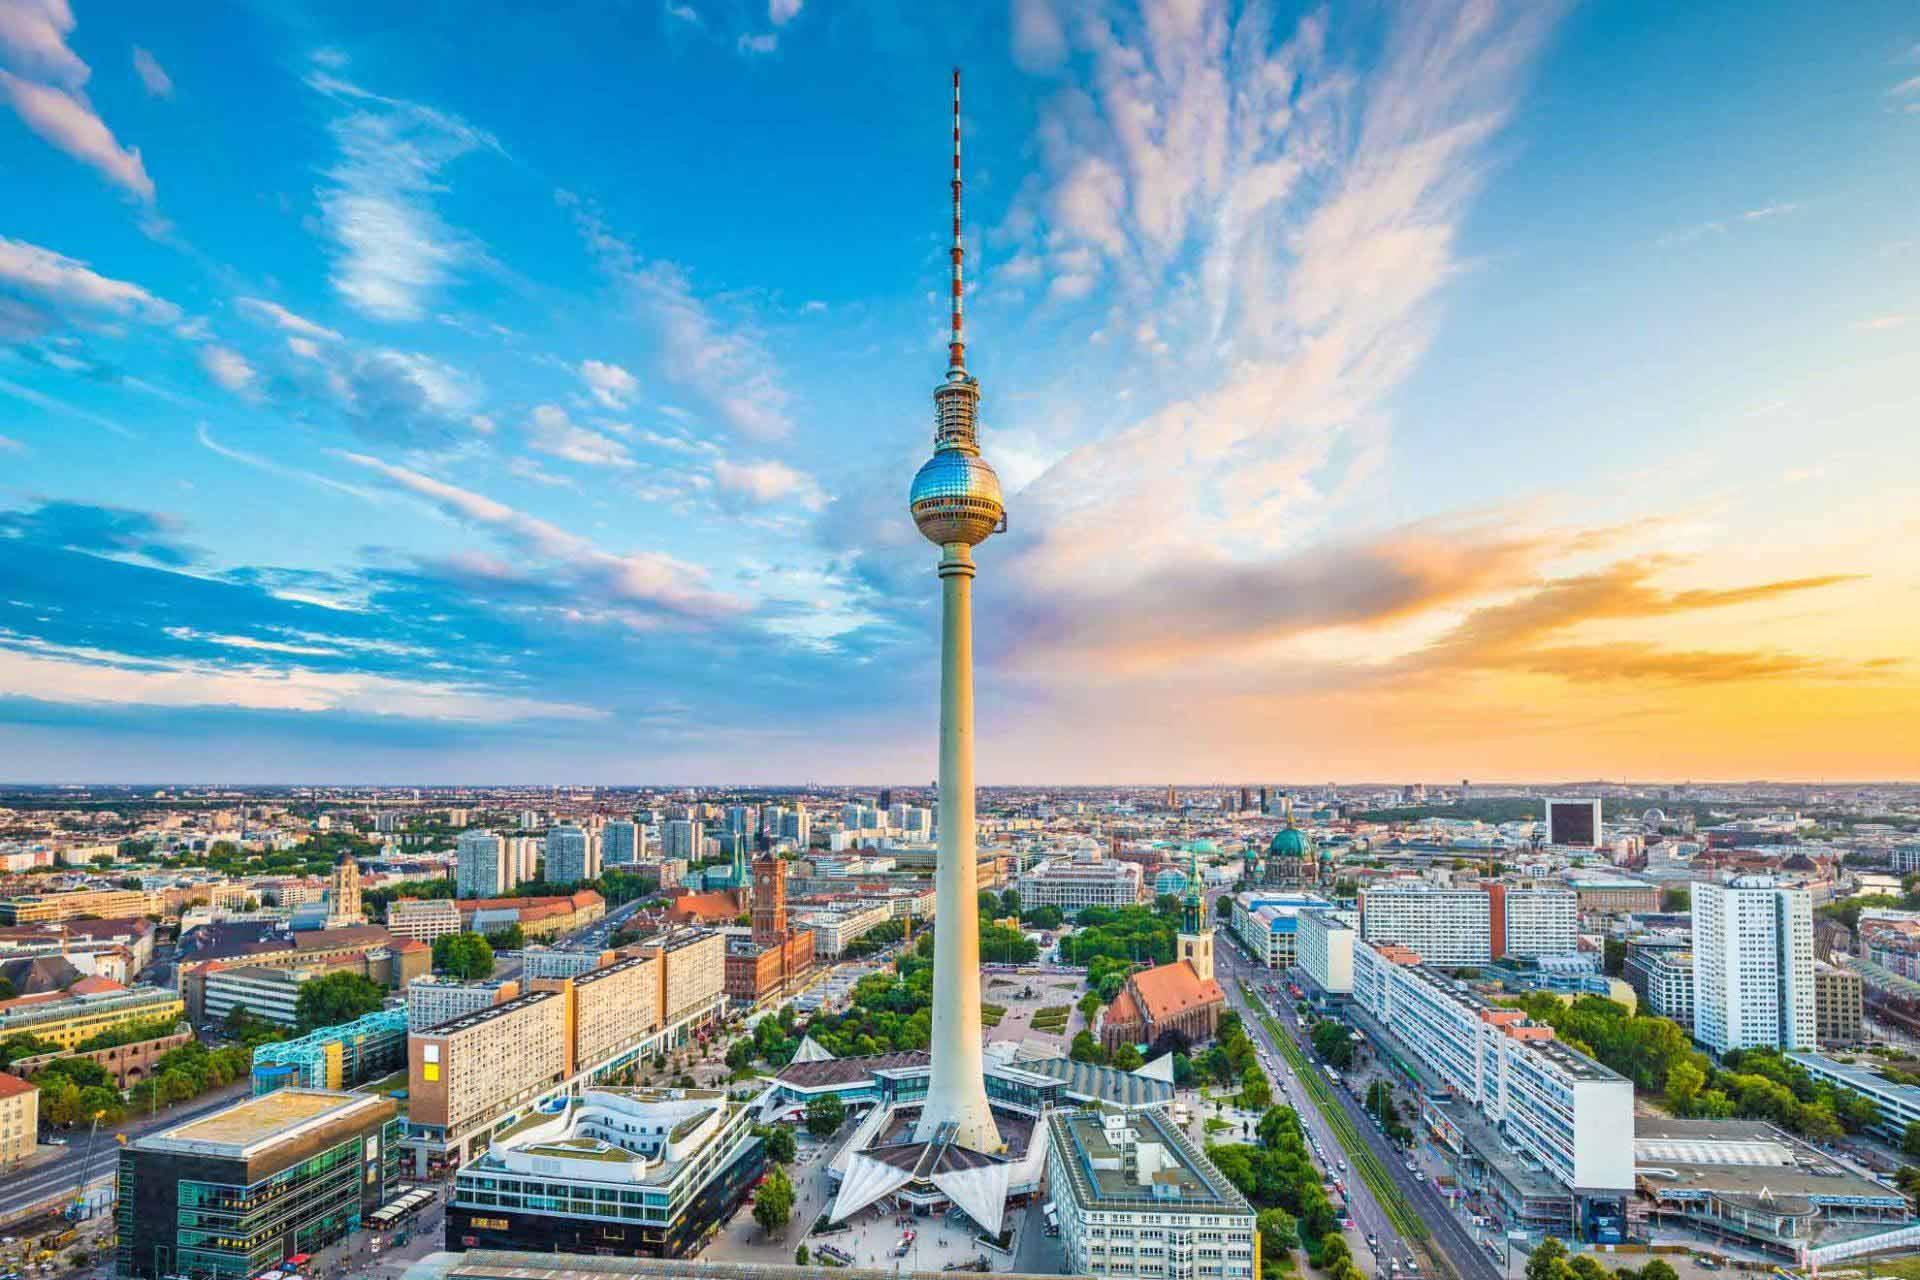 Ausblick auf den Berliner Fernsehturm bei Tag